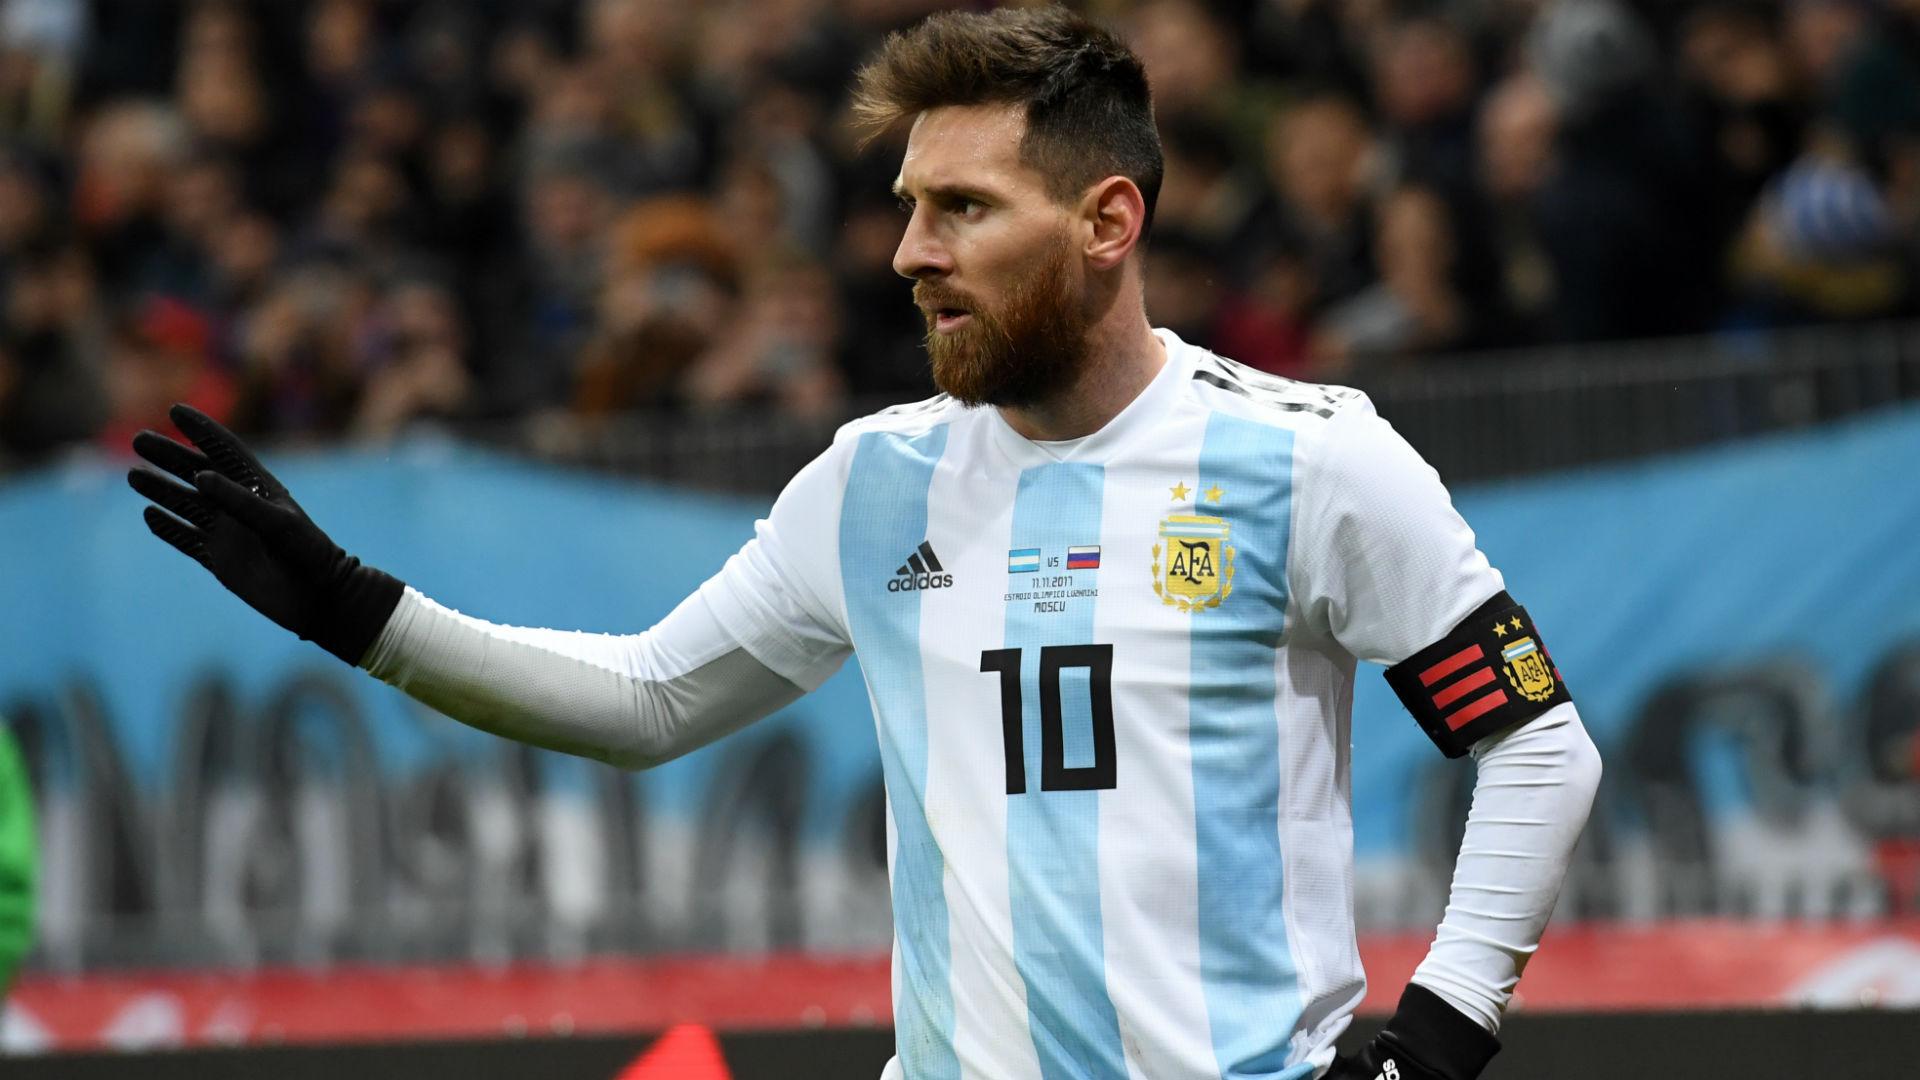 Supuesta portada revela al próximo ganador del Balón de Oro, ¿será Messi?